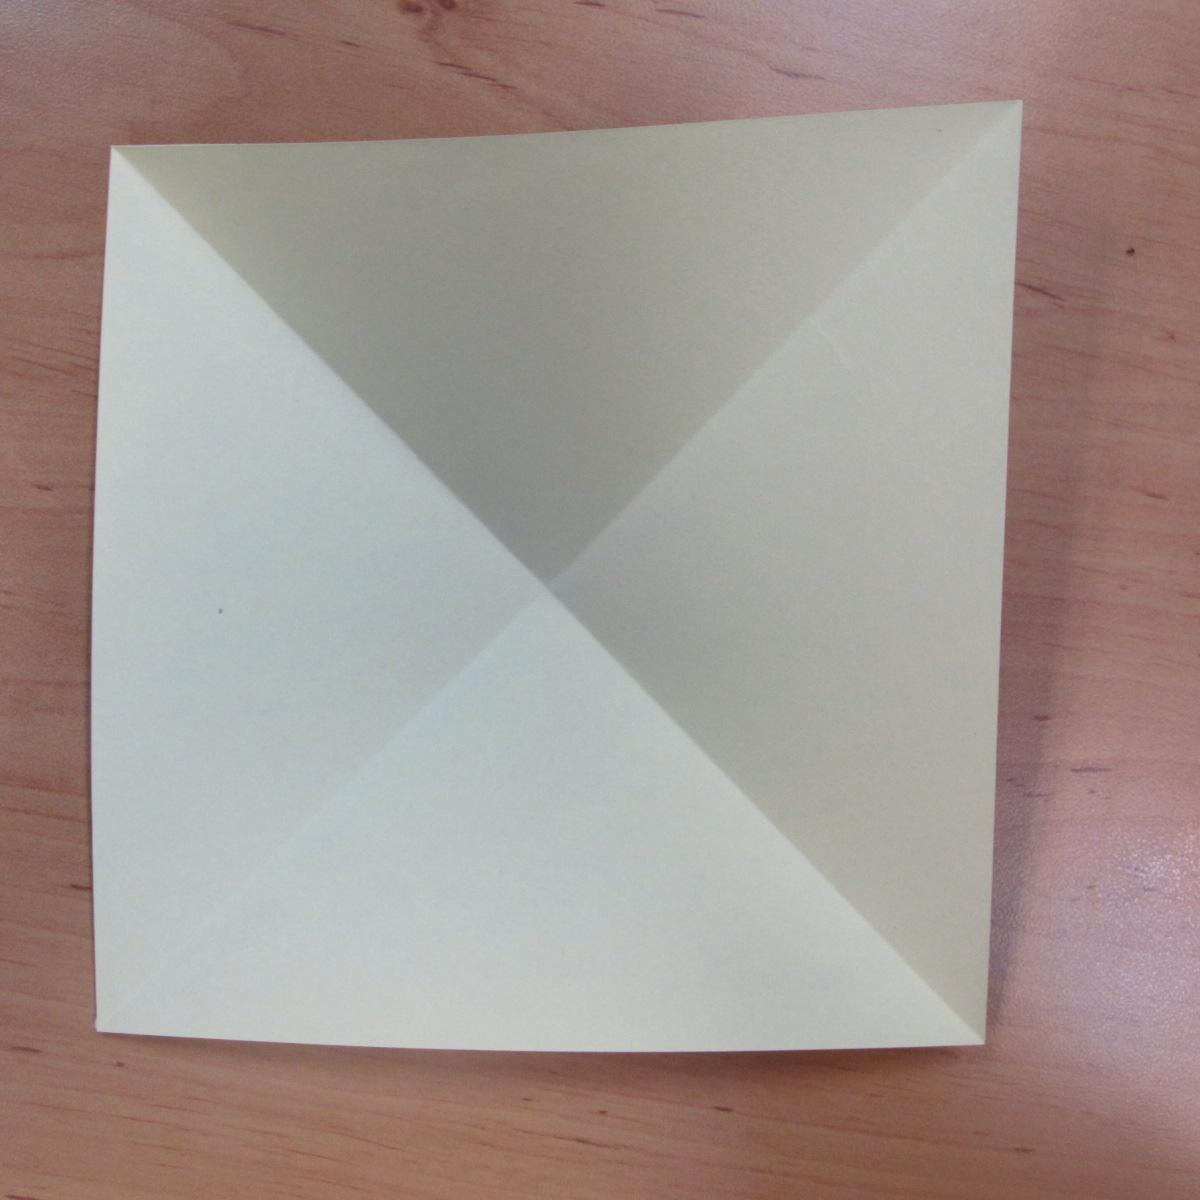 วิธีพับกระดาษเป็นดอกกุหลายแบบเกลียว 002